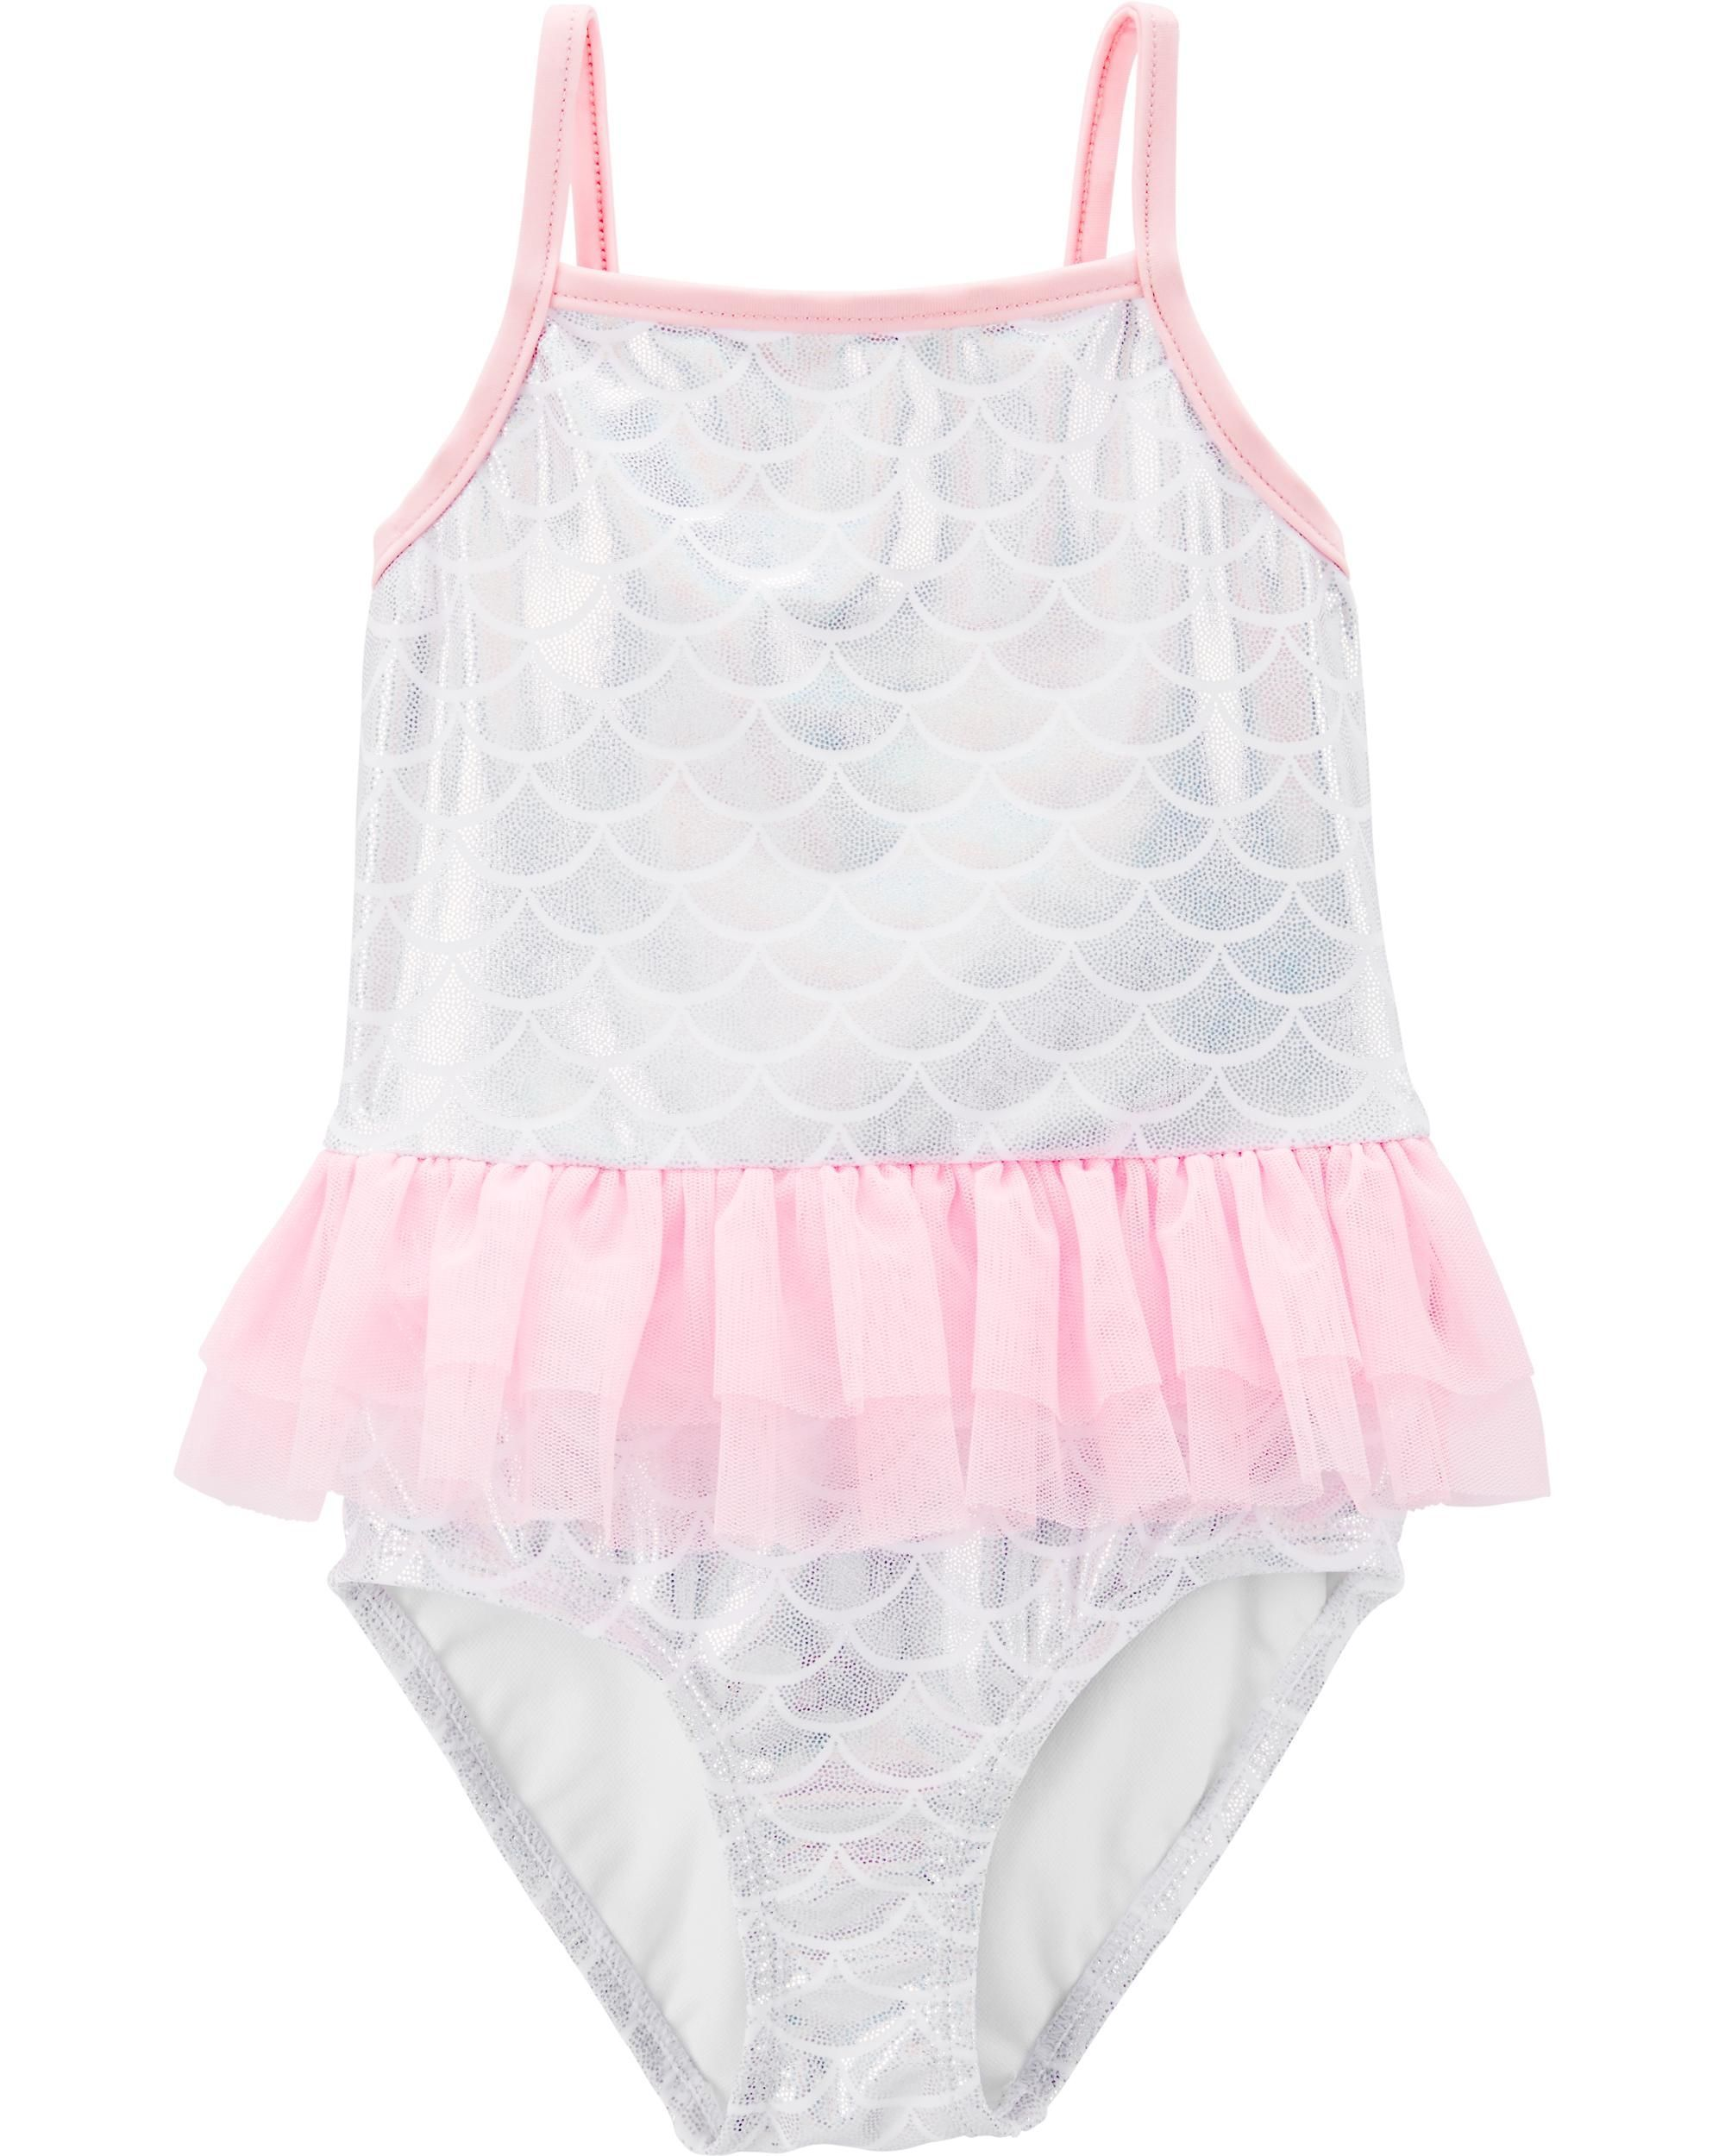 Carters Girls 2-Piece Eyelet Tankini Neon Pink